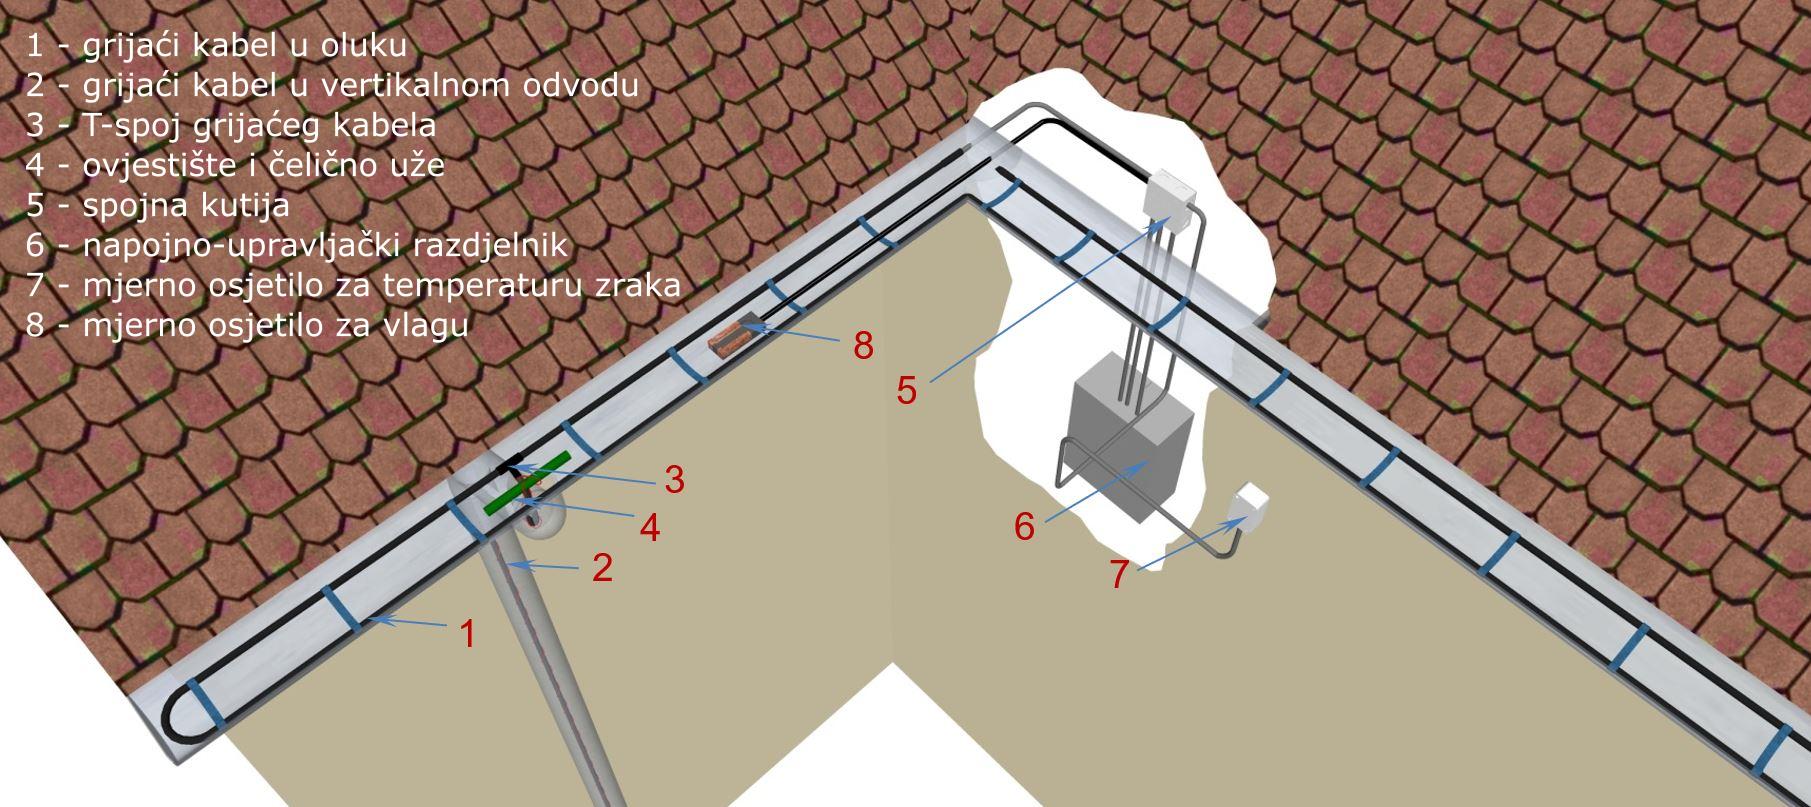 Shematski prikaz sustava za grijanje oluka